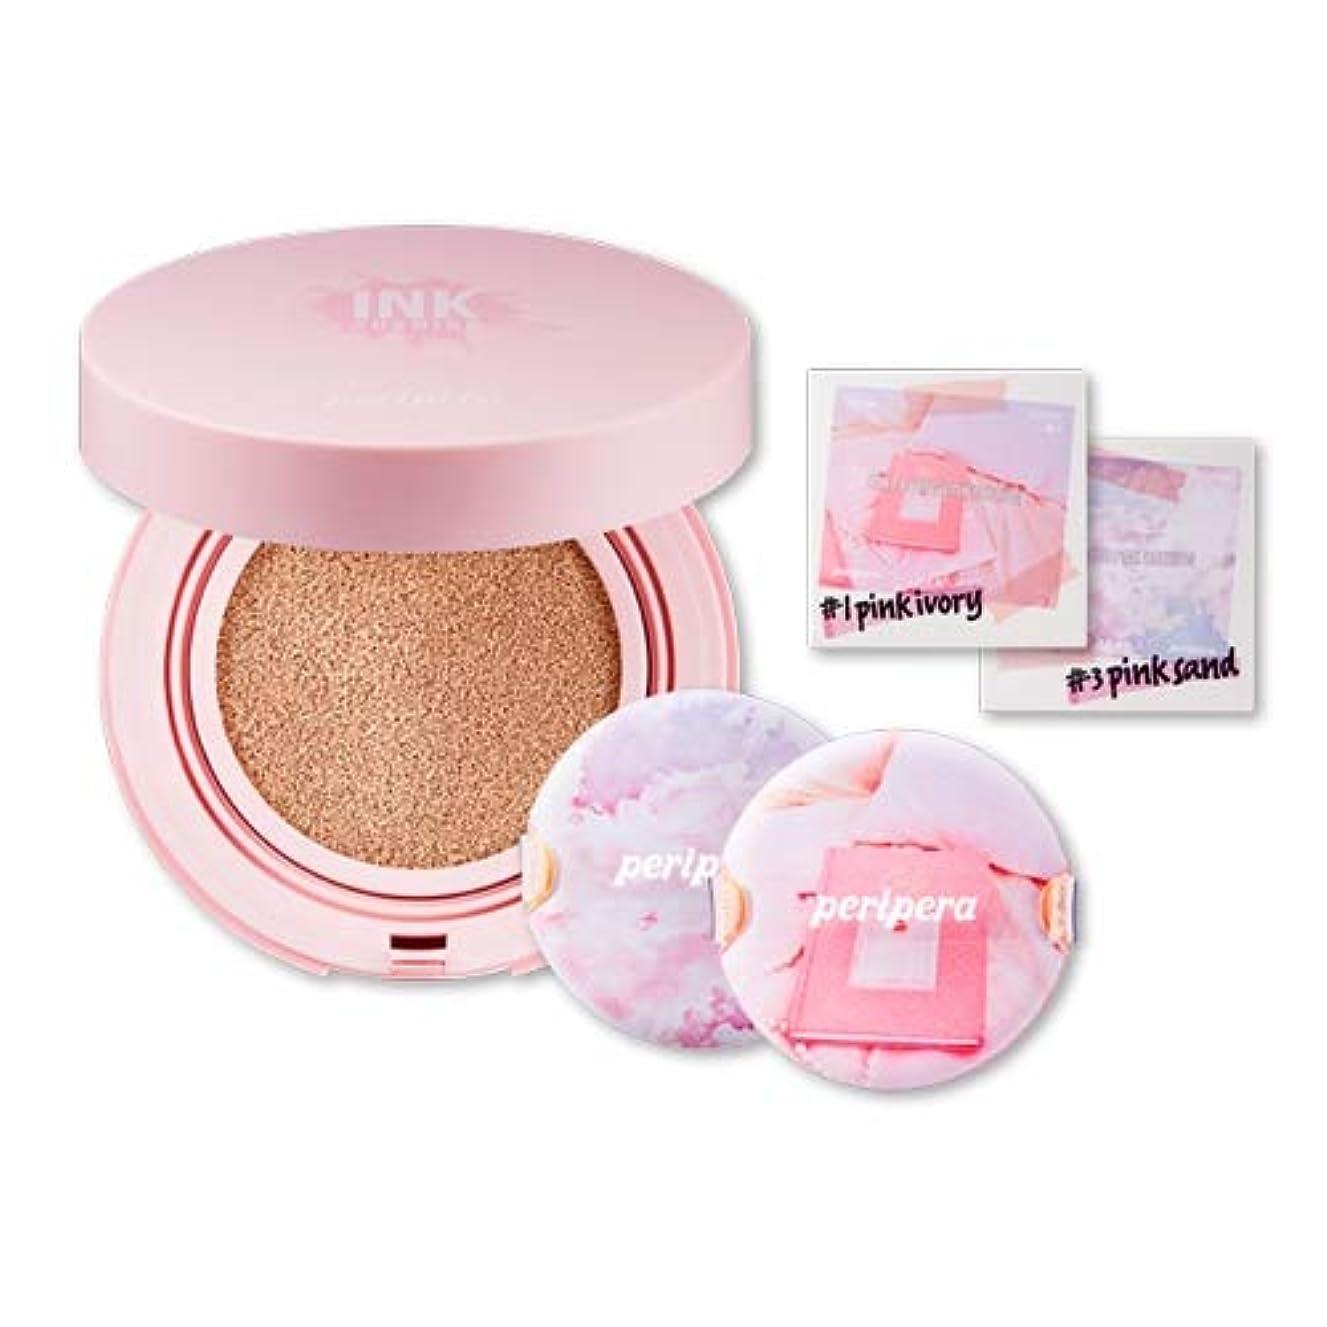 議題クリエイティブ寺院Peripera ペリペラ [ピンクの瞬間] インクラスティング ピンク クッション [Pink-Moment] Inklasting Pink Cushion (#3 Pink Sand) [並行輸入品]